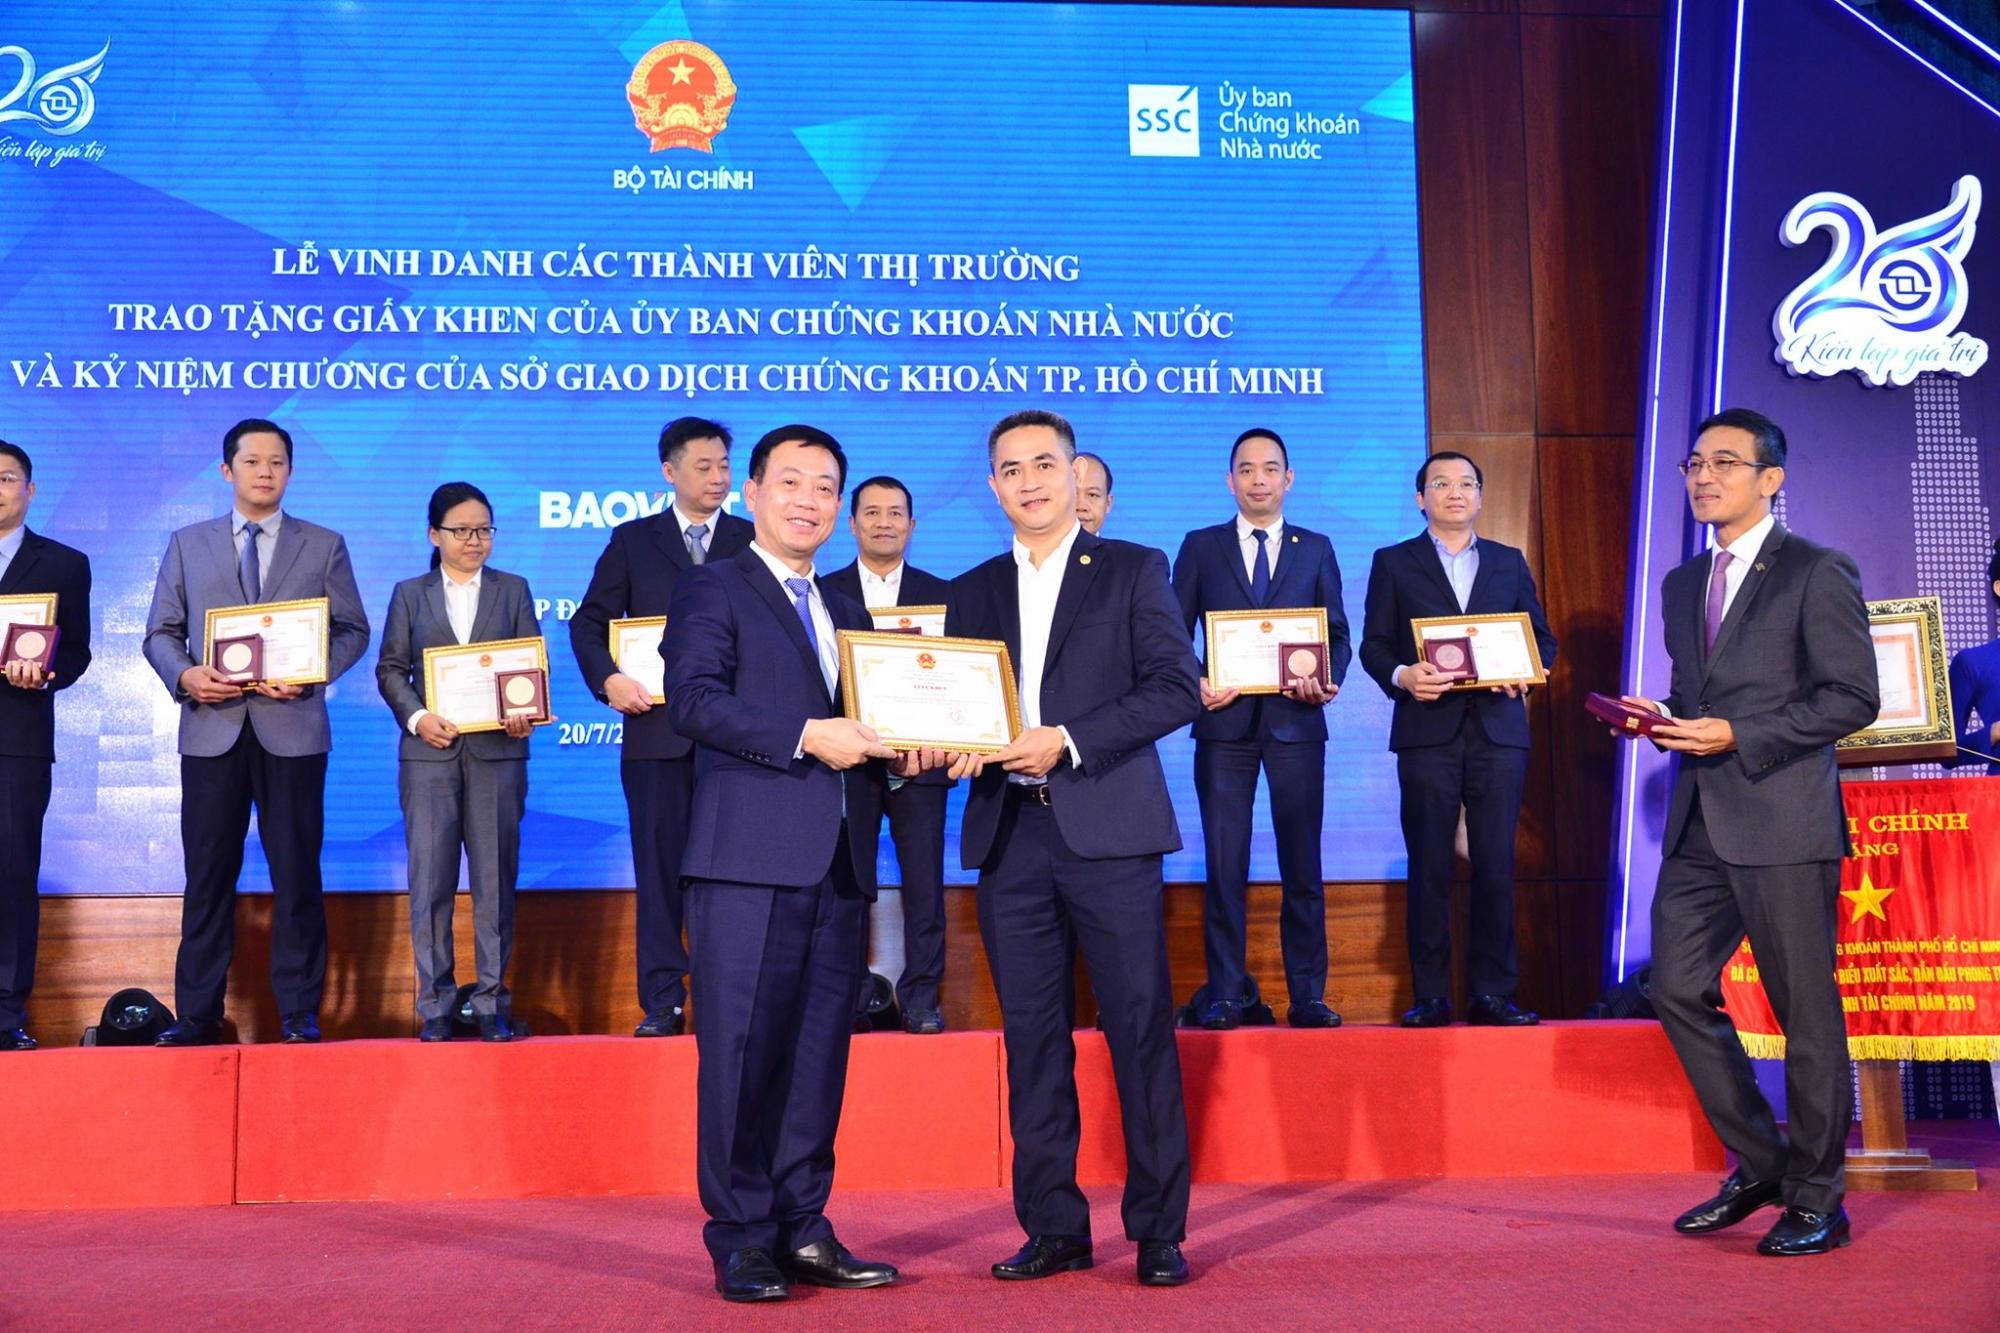 Bảo Việt được ghi nhận vì những đóng góp cho sự phát triển của thị trường chứng khoán Việt Nam